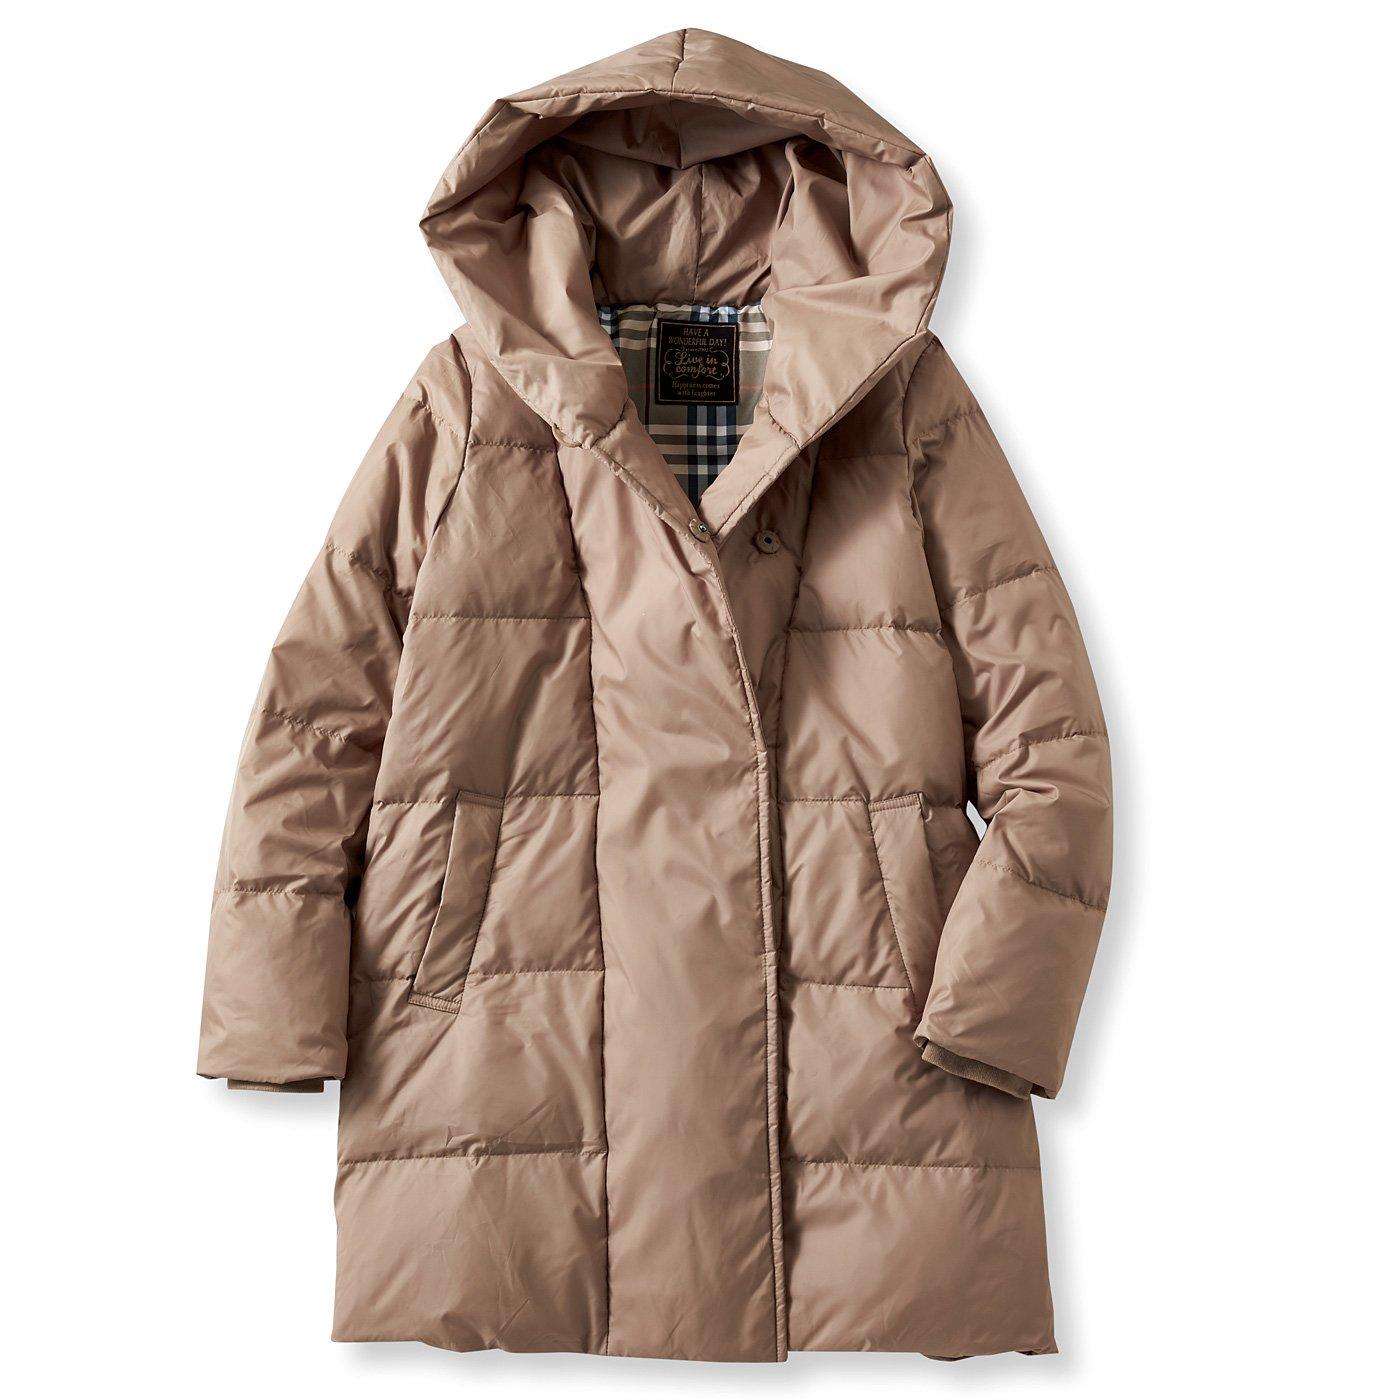 リブ イン コンフォート はまじとコラボ 薄くて軽い! 暖かな空気をまとう フードダウンコート〈ベージュ〉